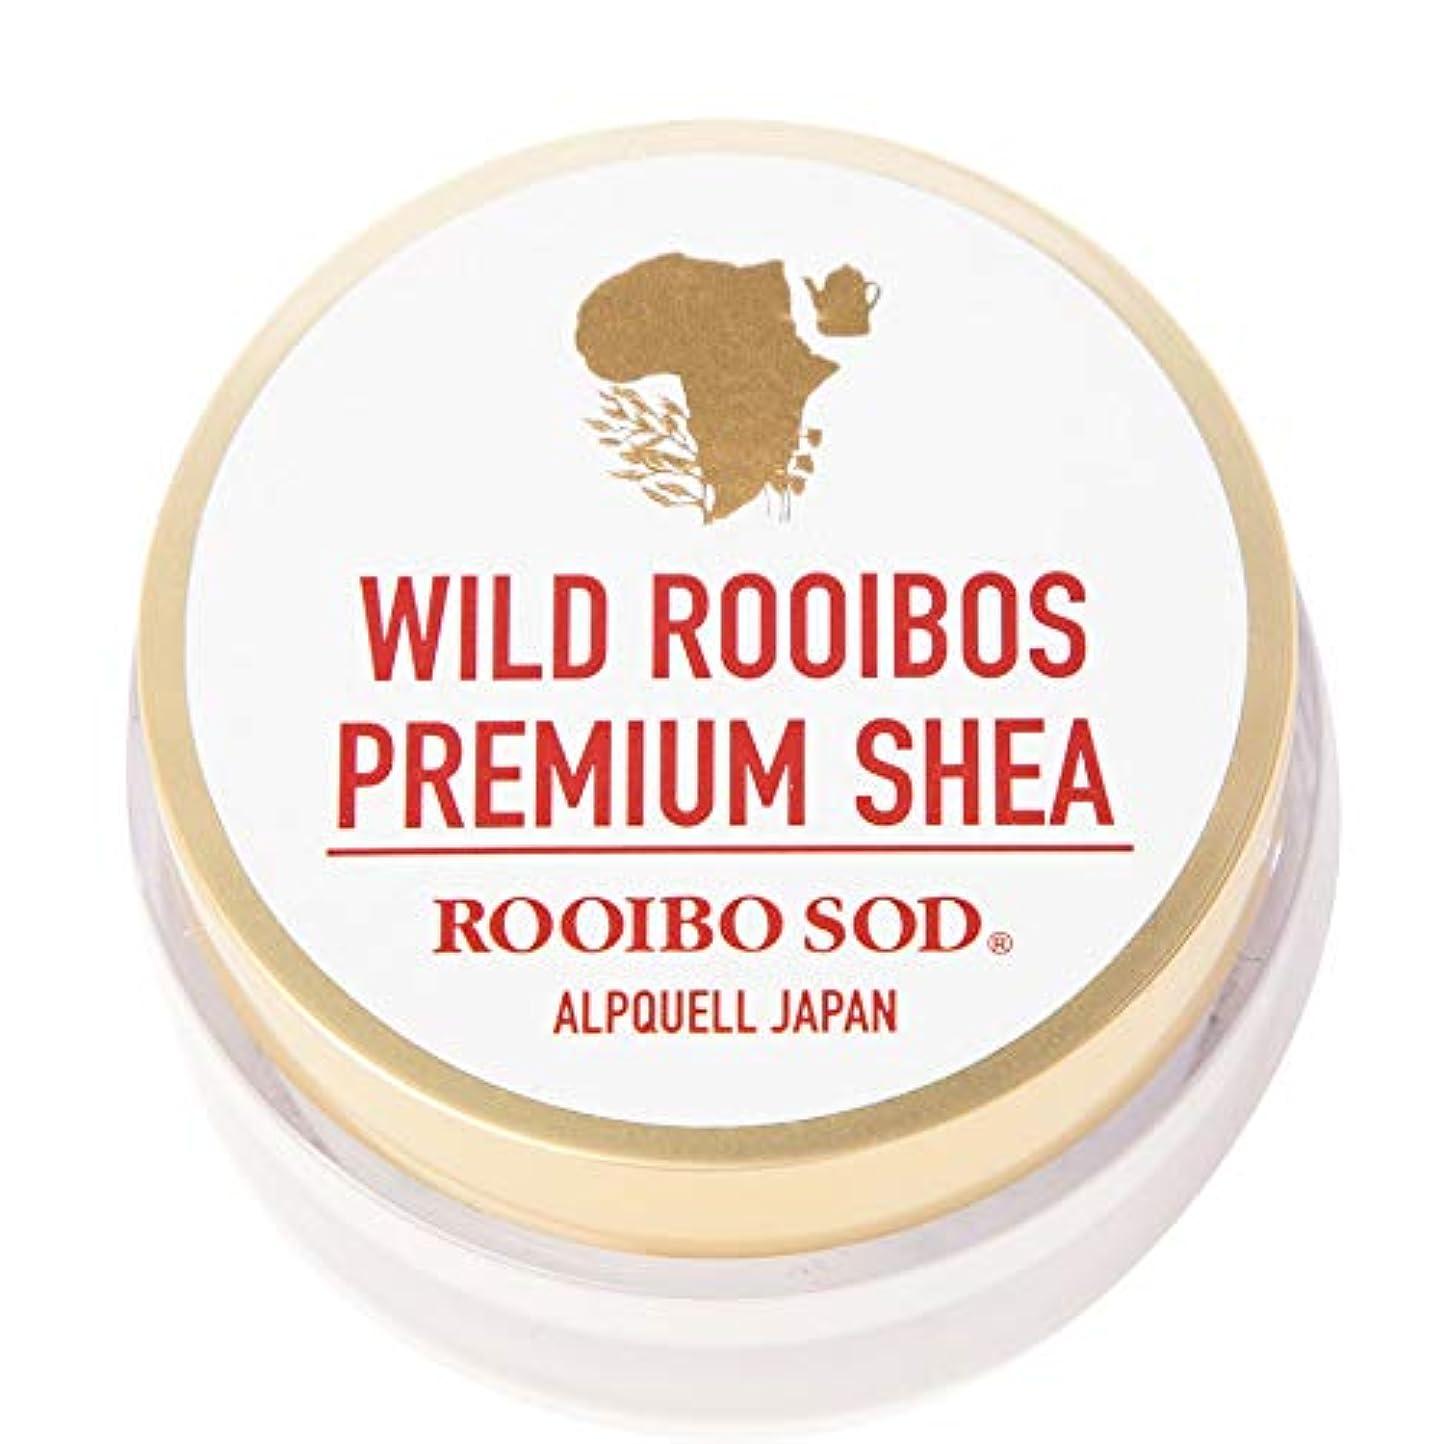 養う乳剤植物学者ROOIBO SOD ルイボソード プレミアムシアクリーム シア脂 ルイボスエキス配合 無添加、天然成分100%